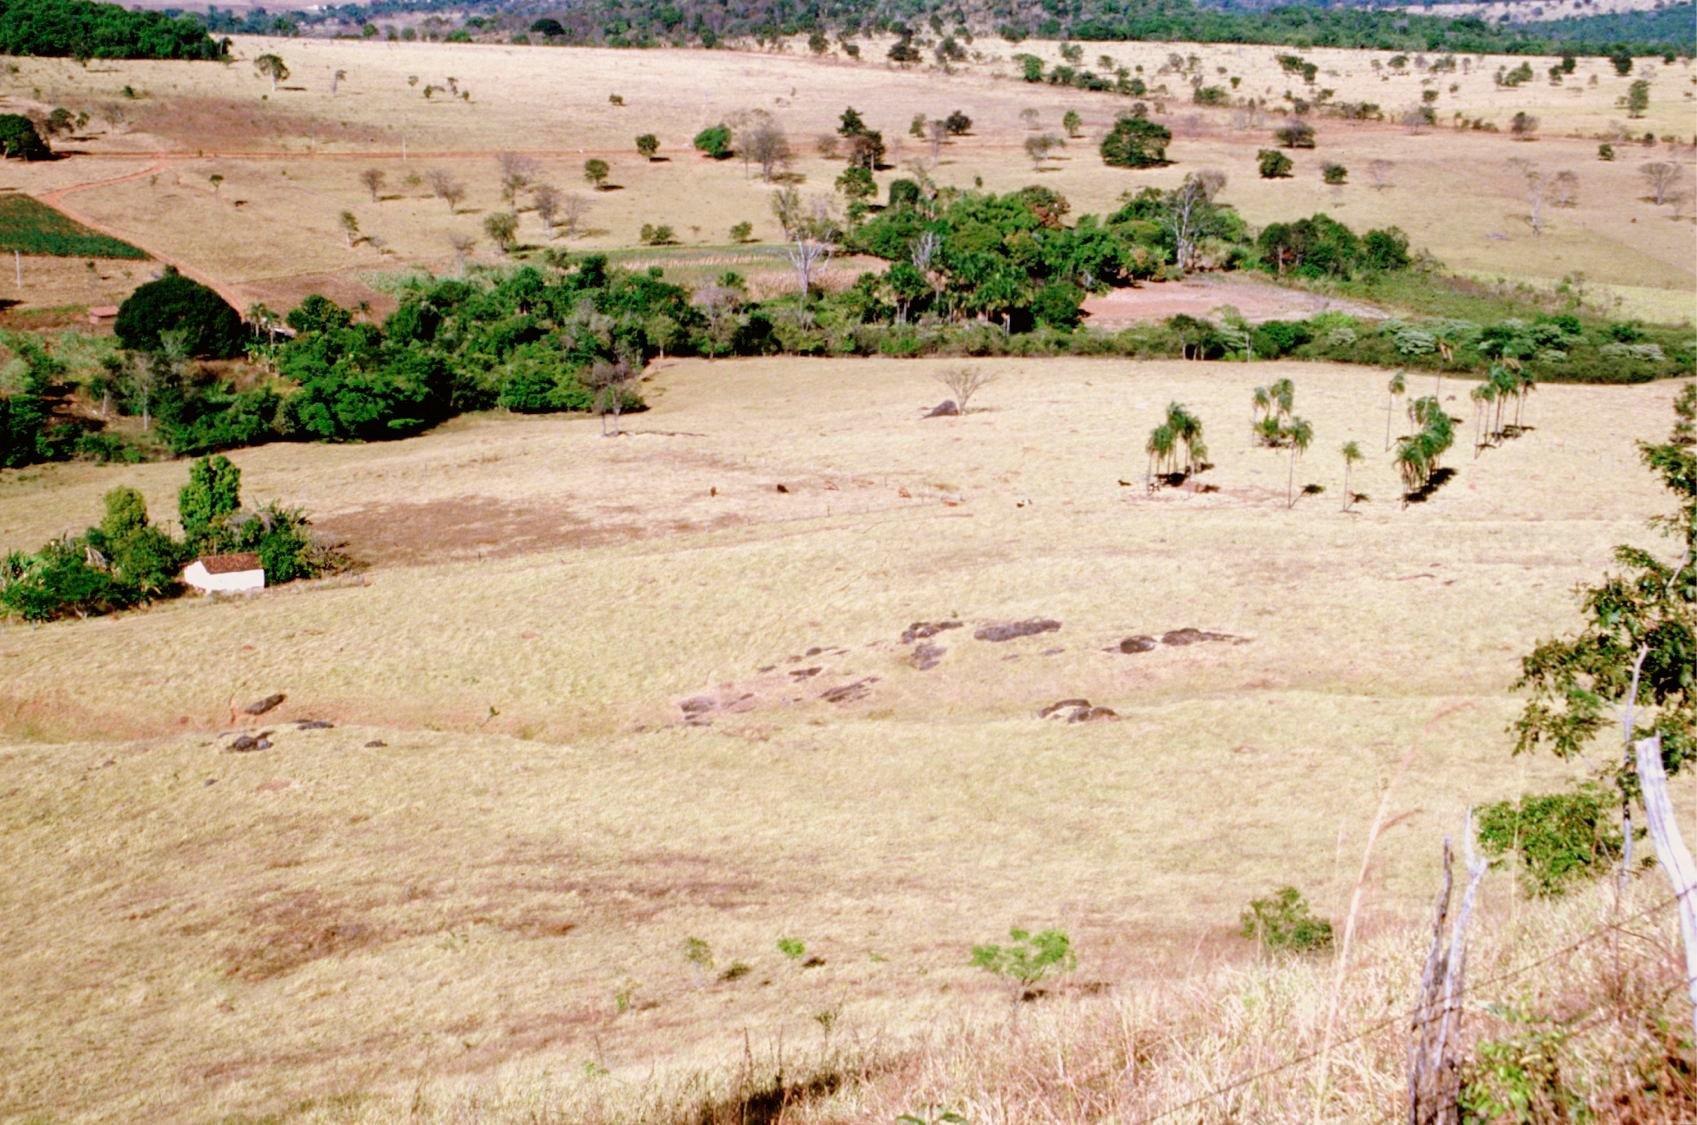 Ecocentro IPEC - Permaculture centre